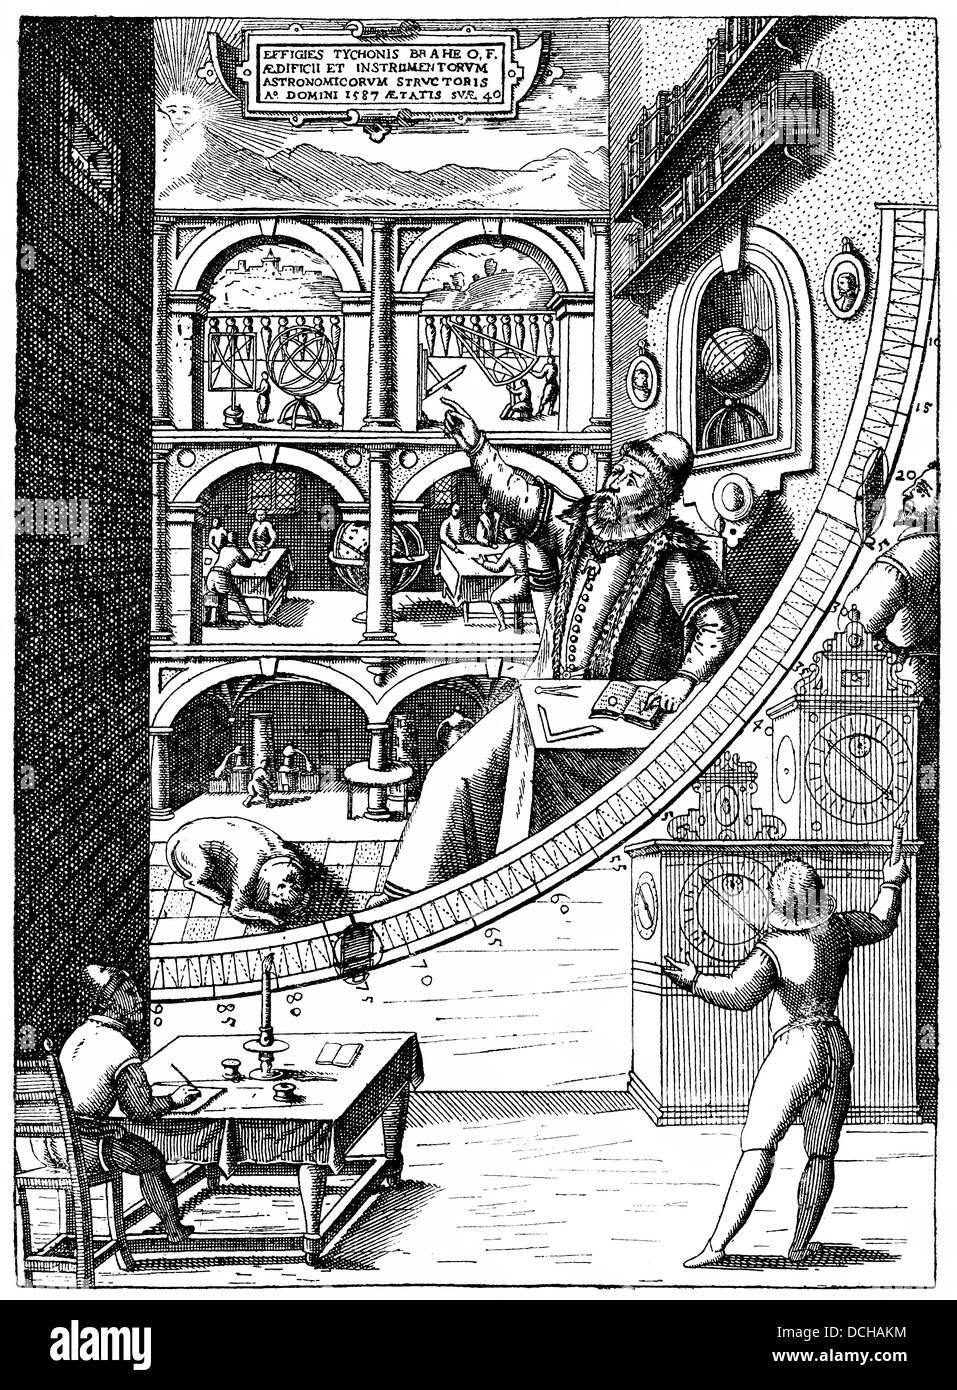 The Danish astronomer Tycho de Brahe, 1546-1601, in Uraniborg Observatory, Øresund island of Ven off Landskron - Stock Image